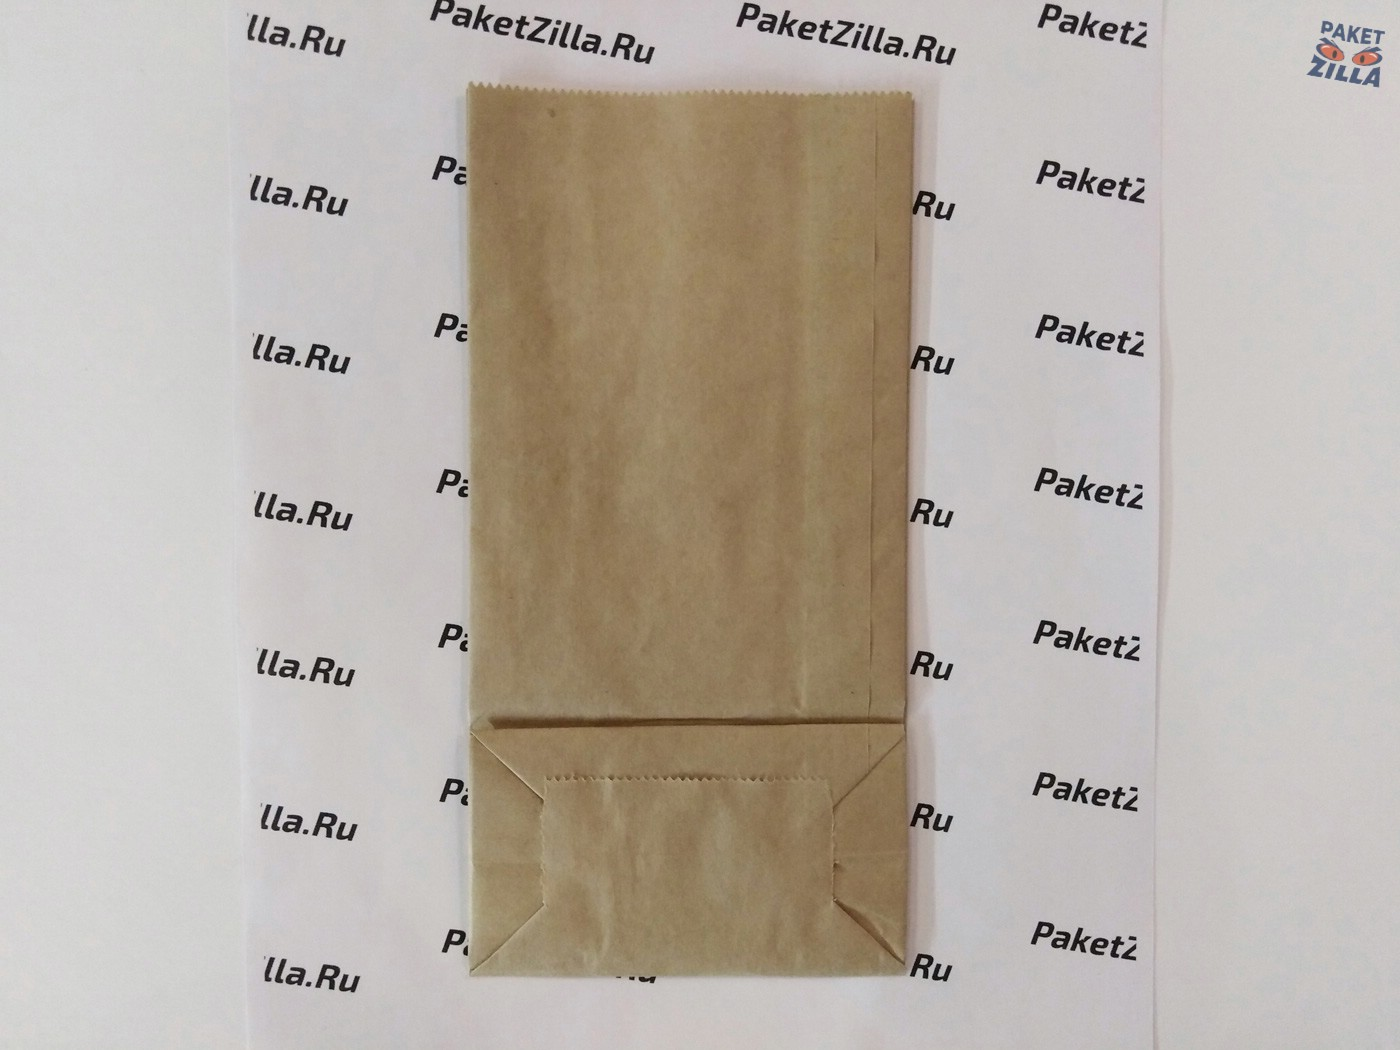 Крафт пакет 200 * 100 * 60 мм с окном. 2-х слойный. 2.